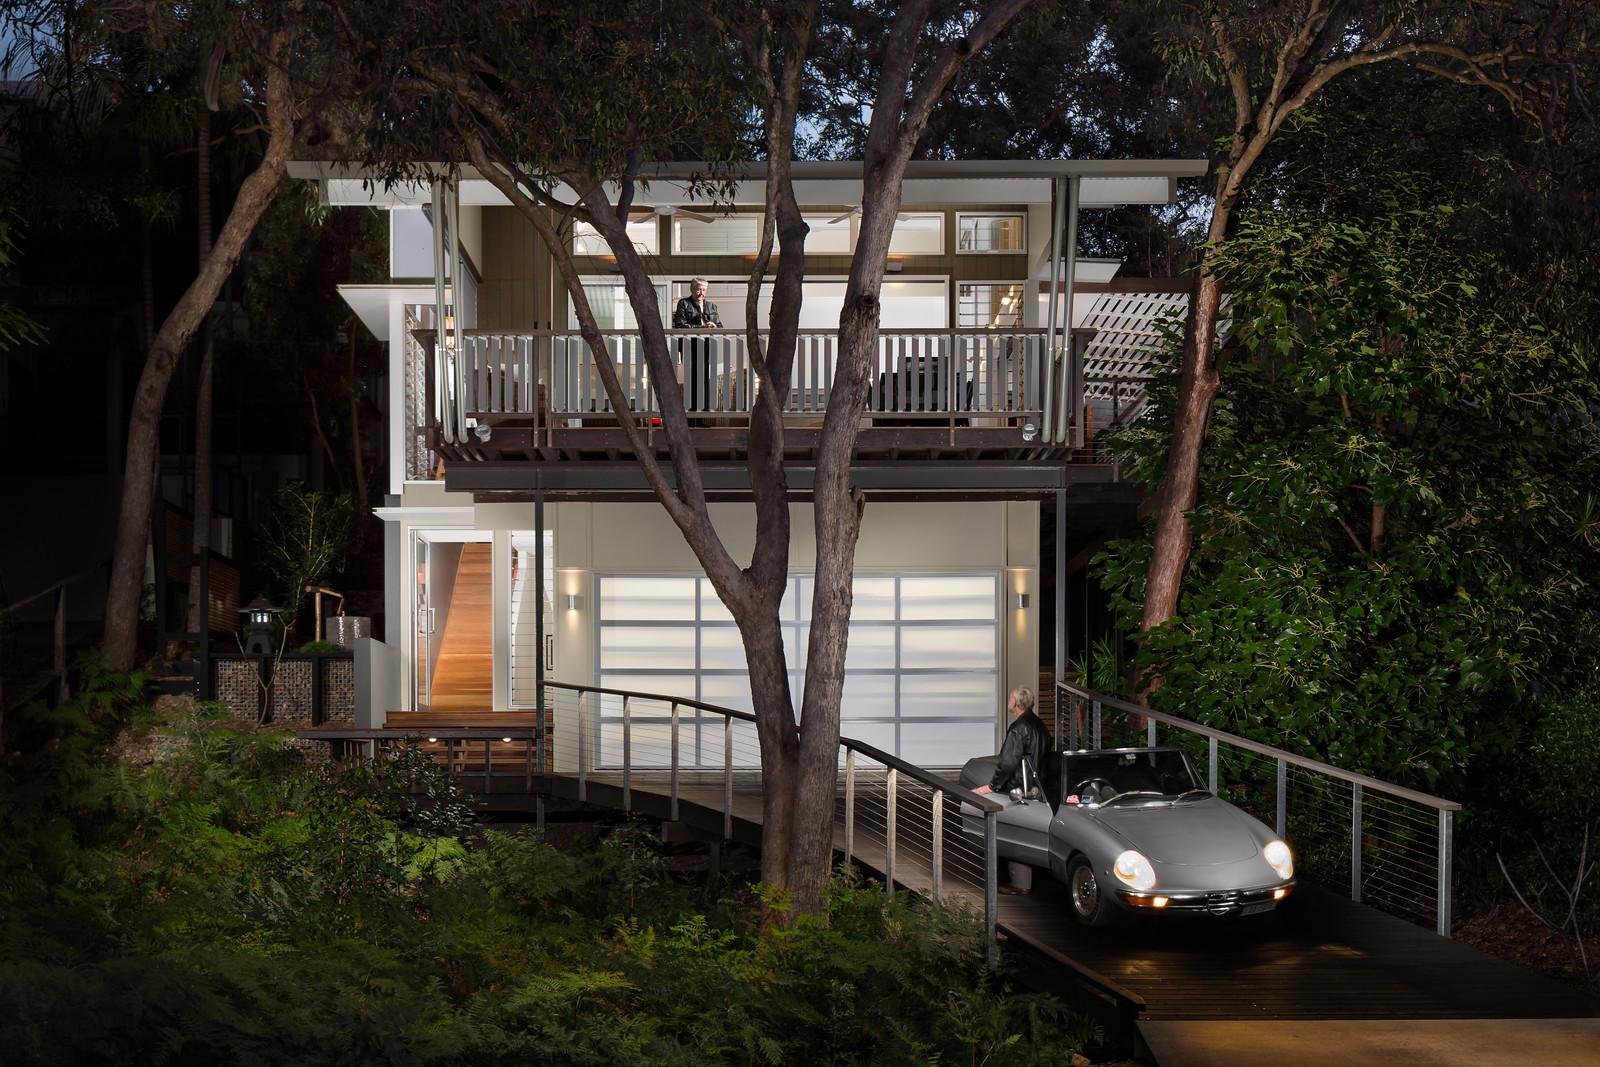 Jones Residence